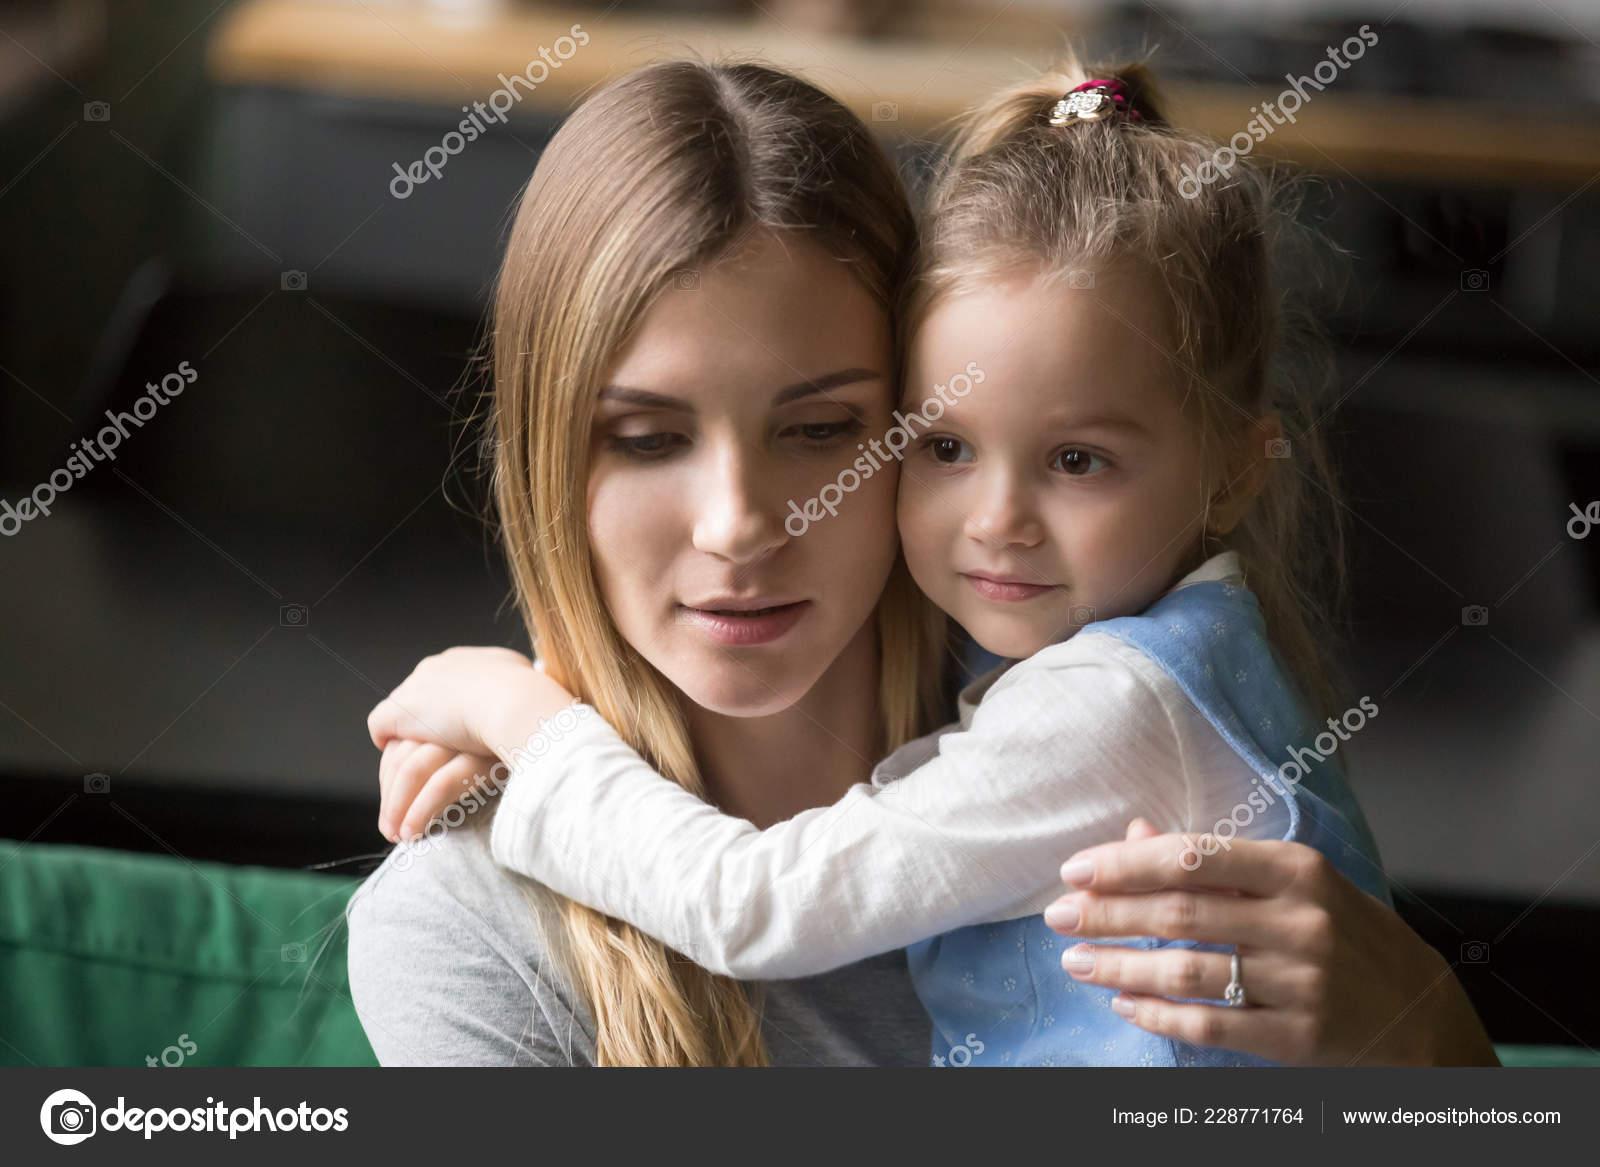 Hinweise zur Einstellung einer Vertretung für Mutterschutz und Elternzeit 16 Monate.